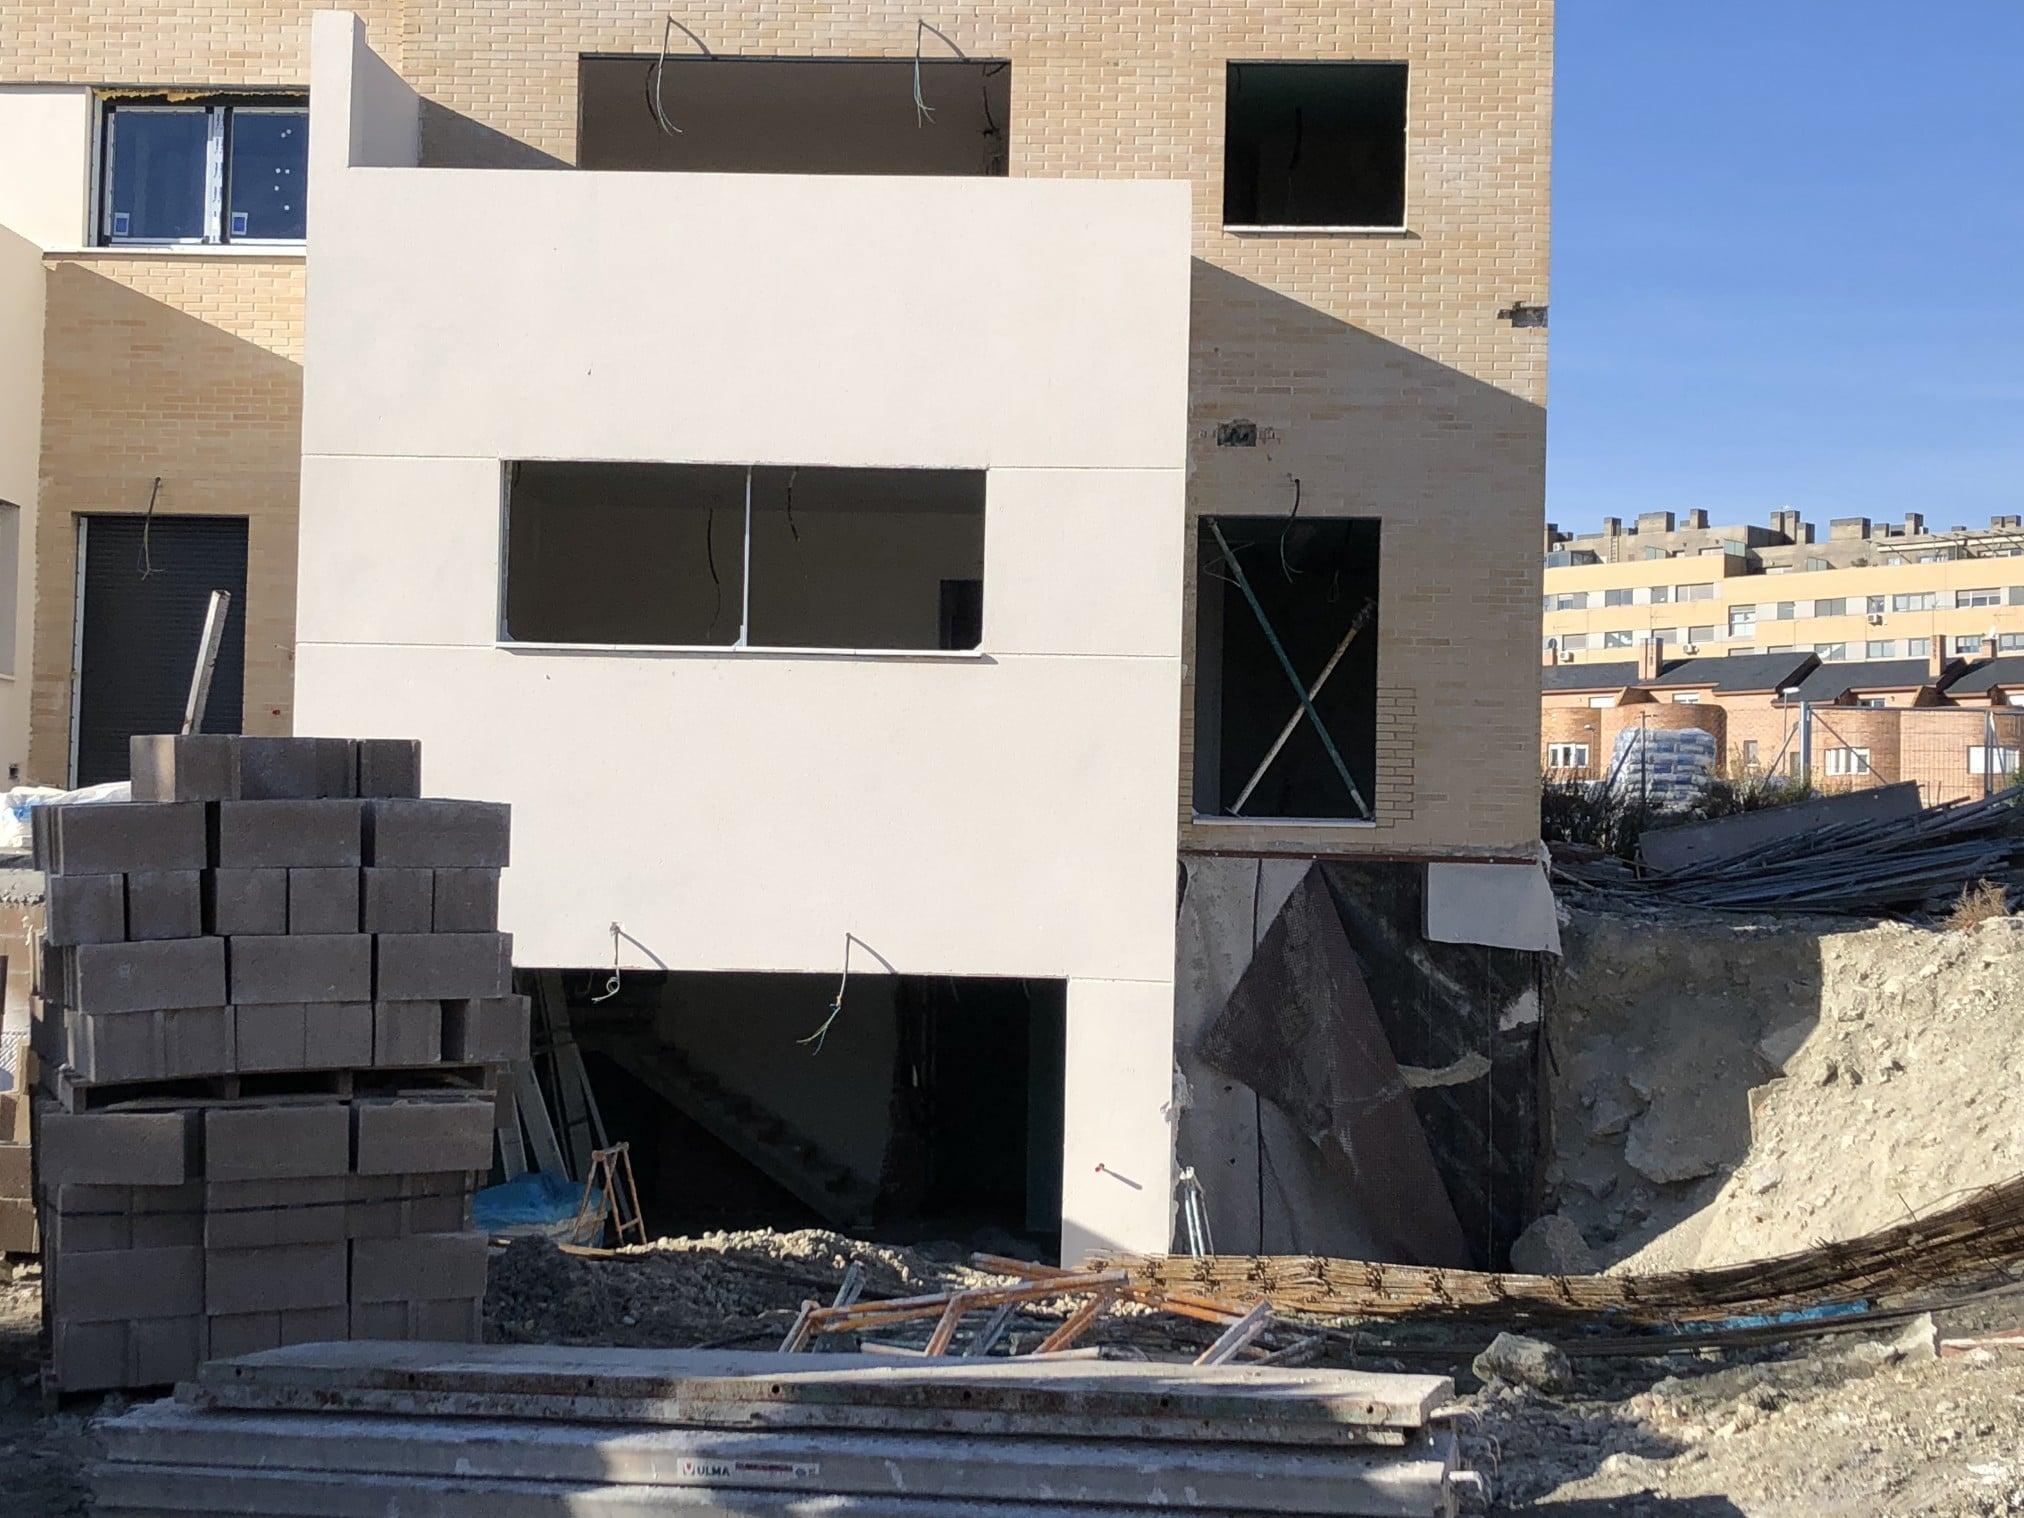 ¿Cómo construir una casa?